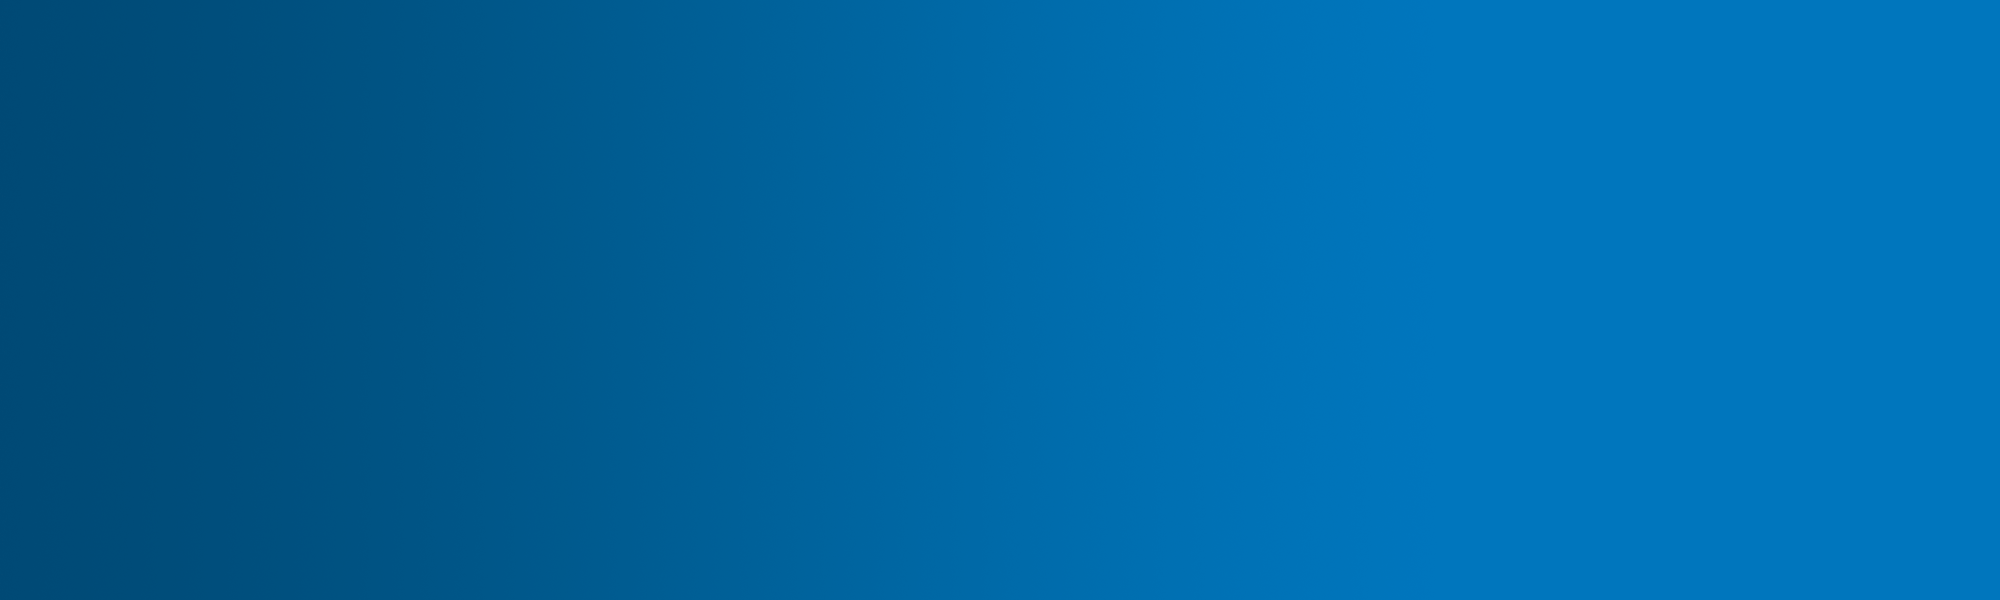 Dunnewolt + Rahe blue